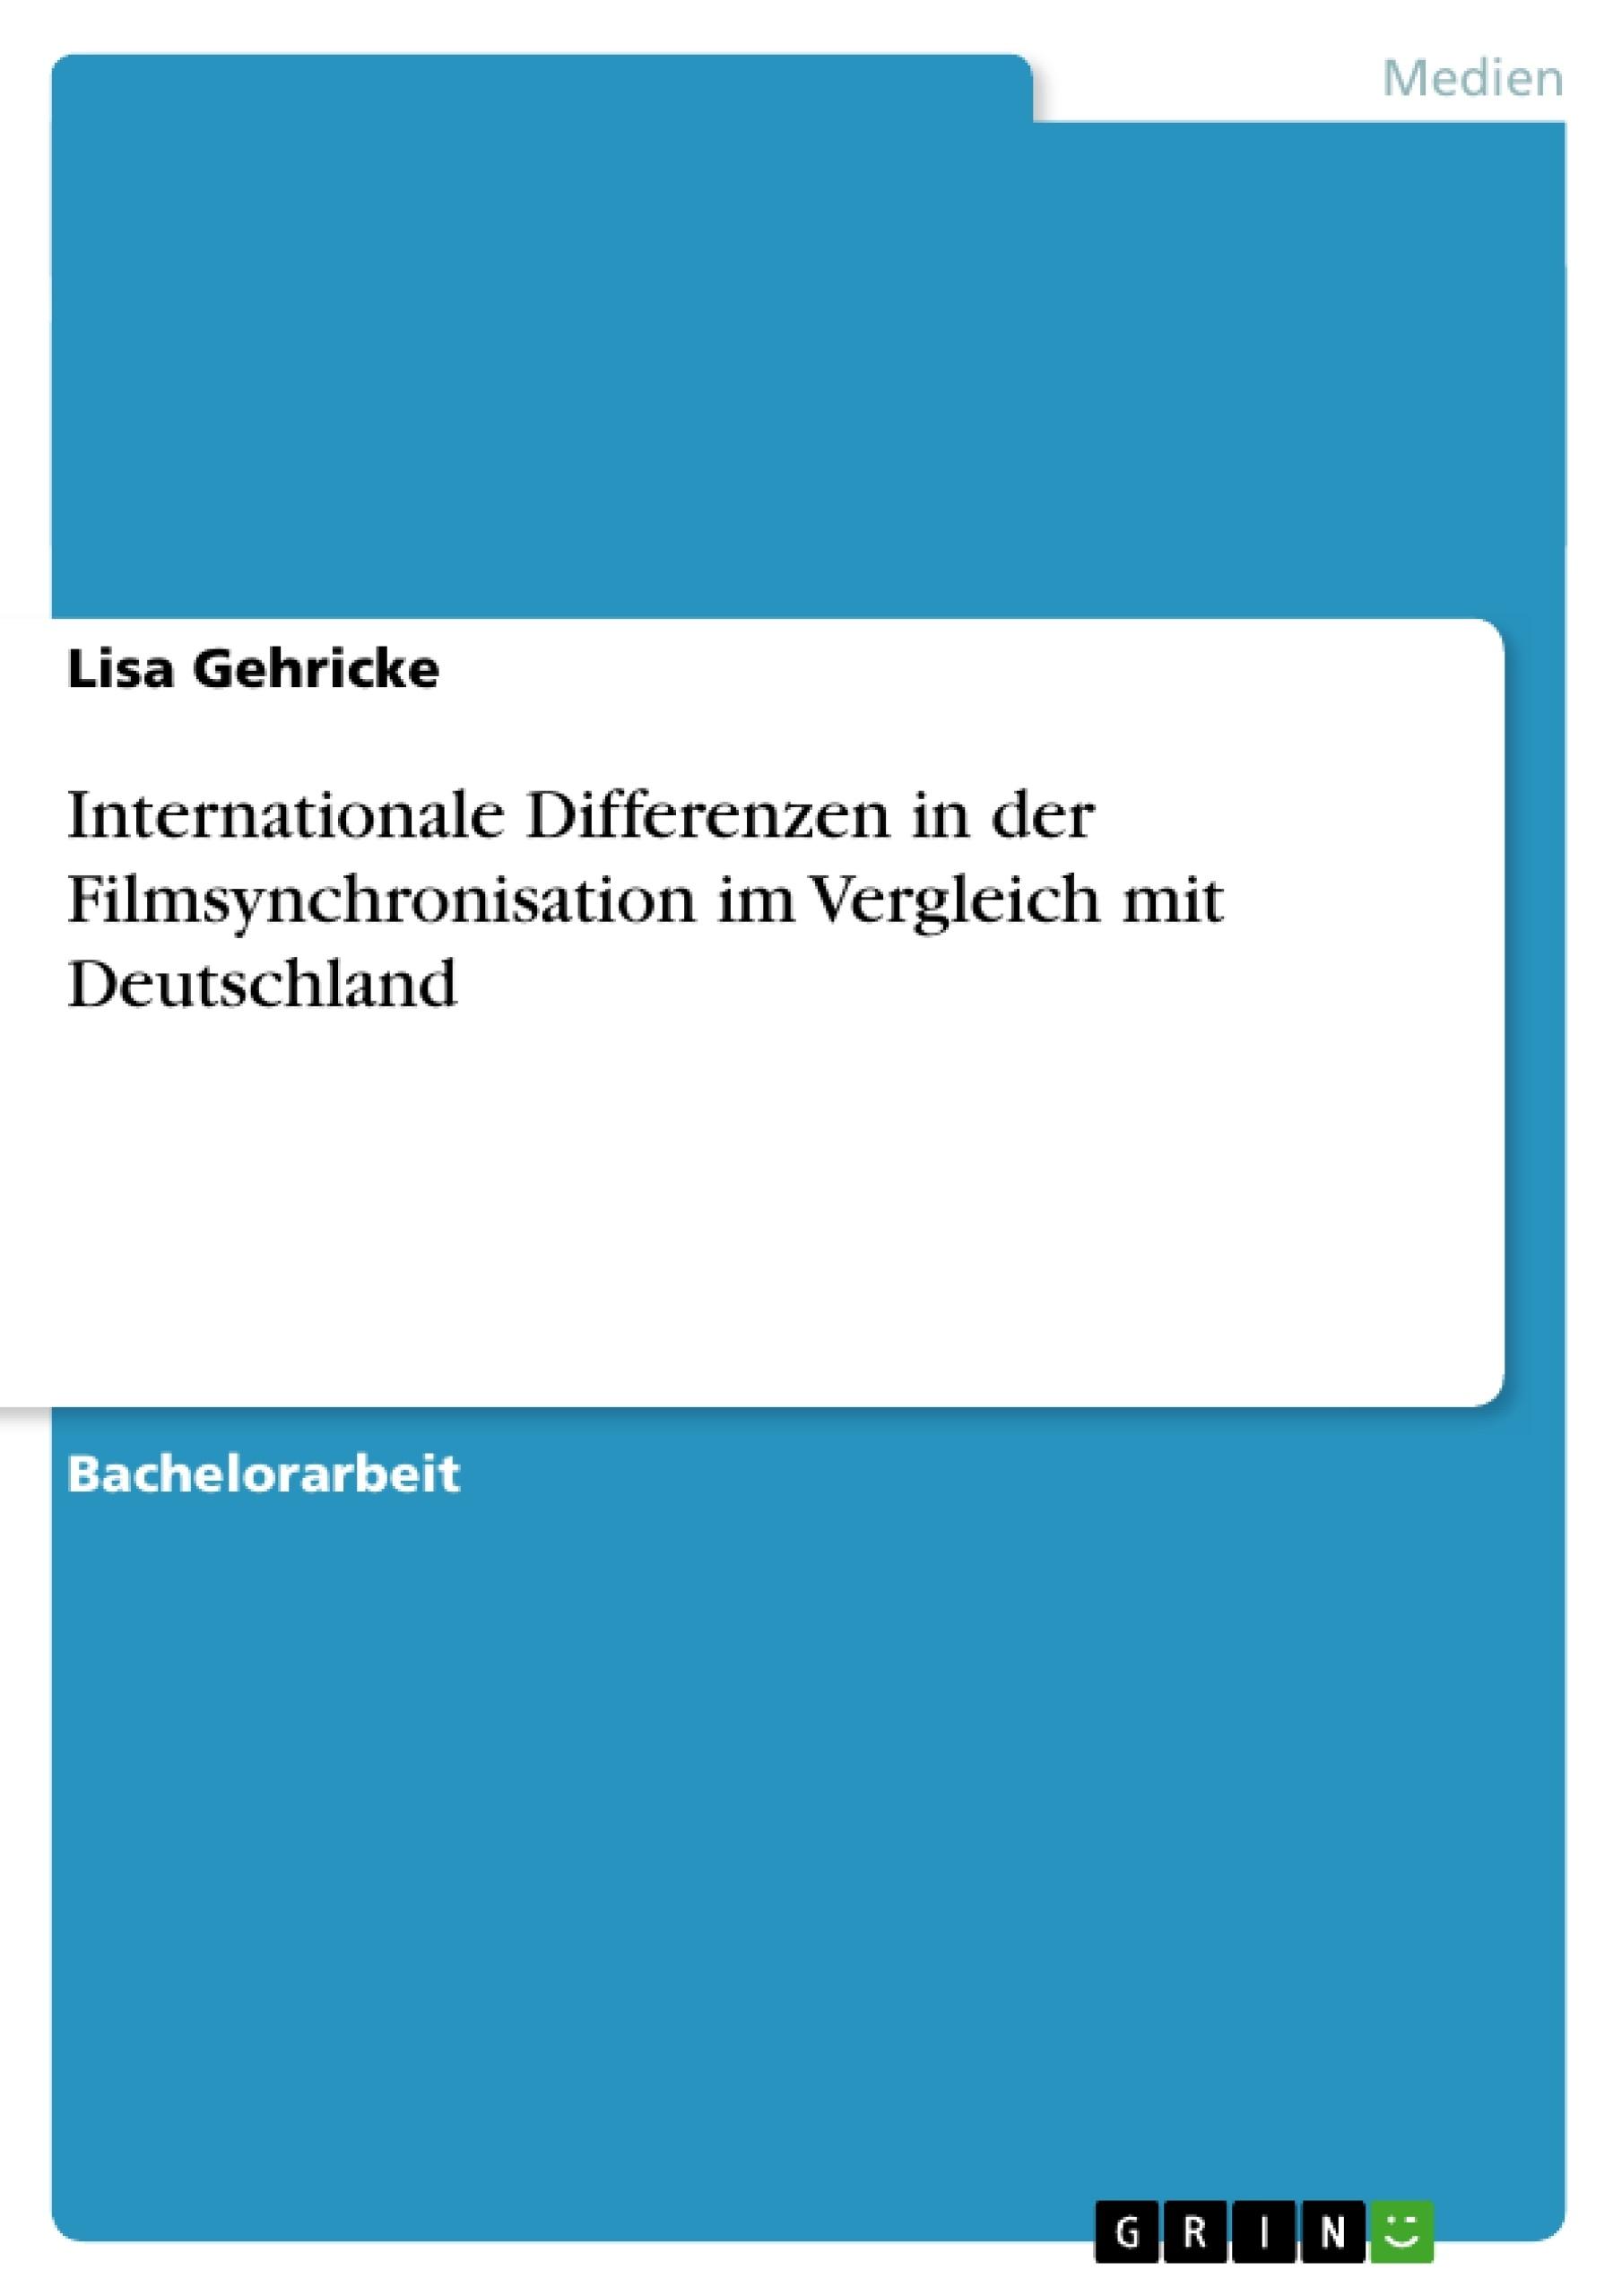 Titel: Internationale Differenzen in der Filmsynchronisation im Vergleich mit Deutschland